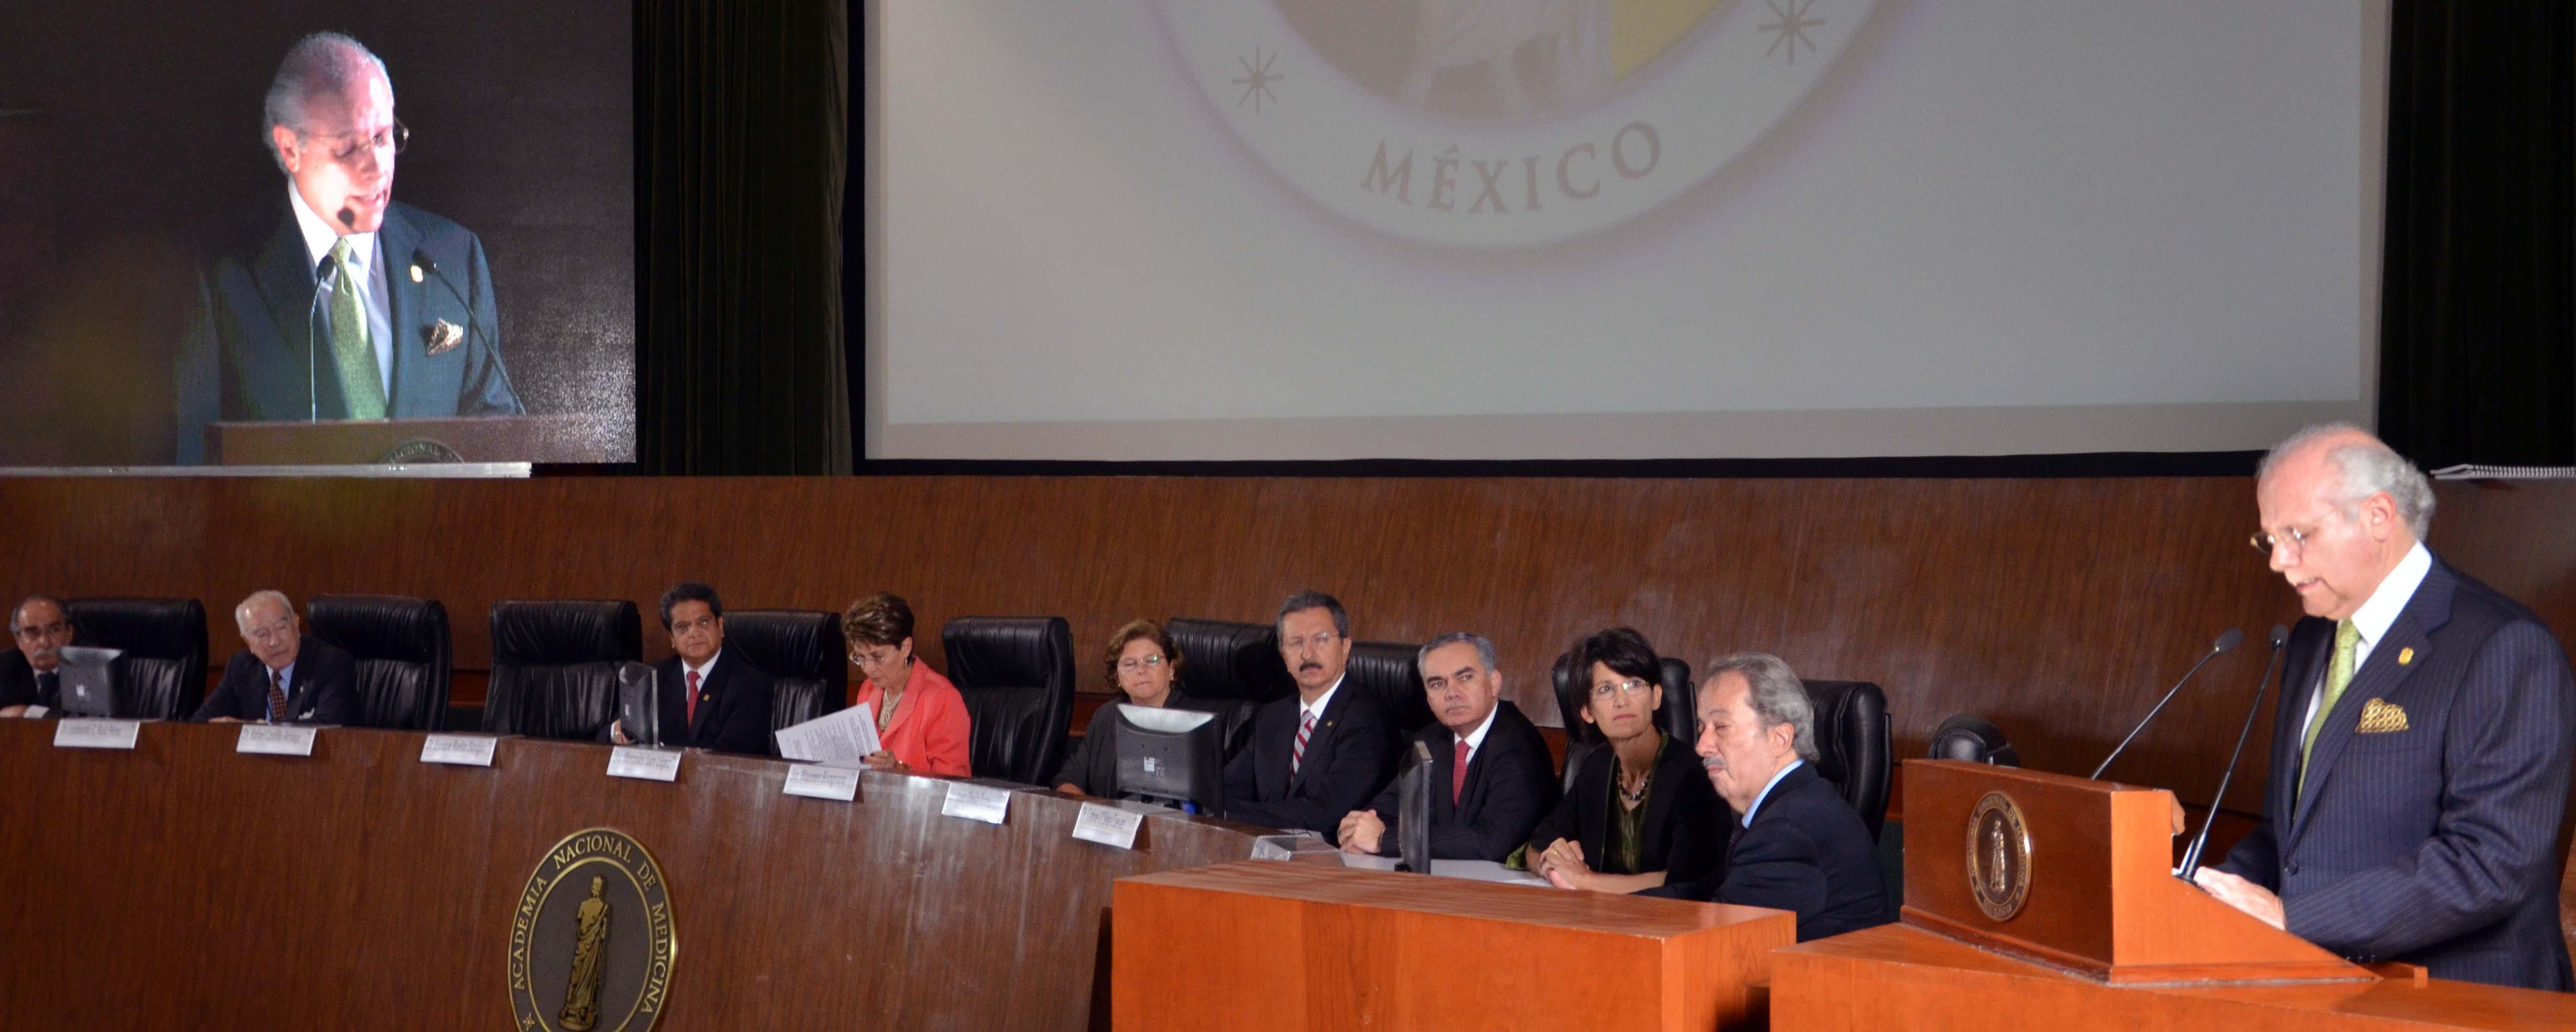 """Cumbre Latinoamericana sobre Calidad y Seguridad Hacia la Salud de Poblaciones """"Catalizando la Mejora de los Sistemas de Salud""""."""